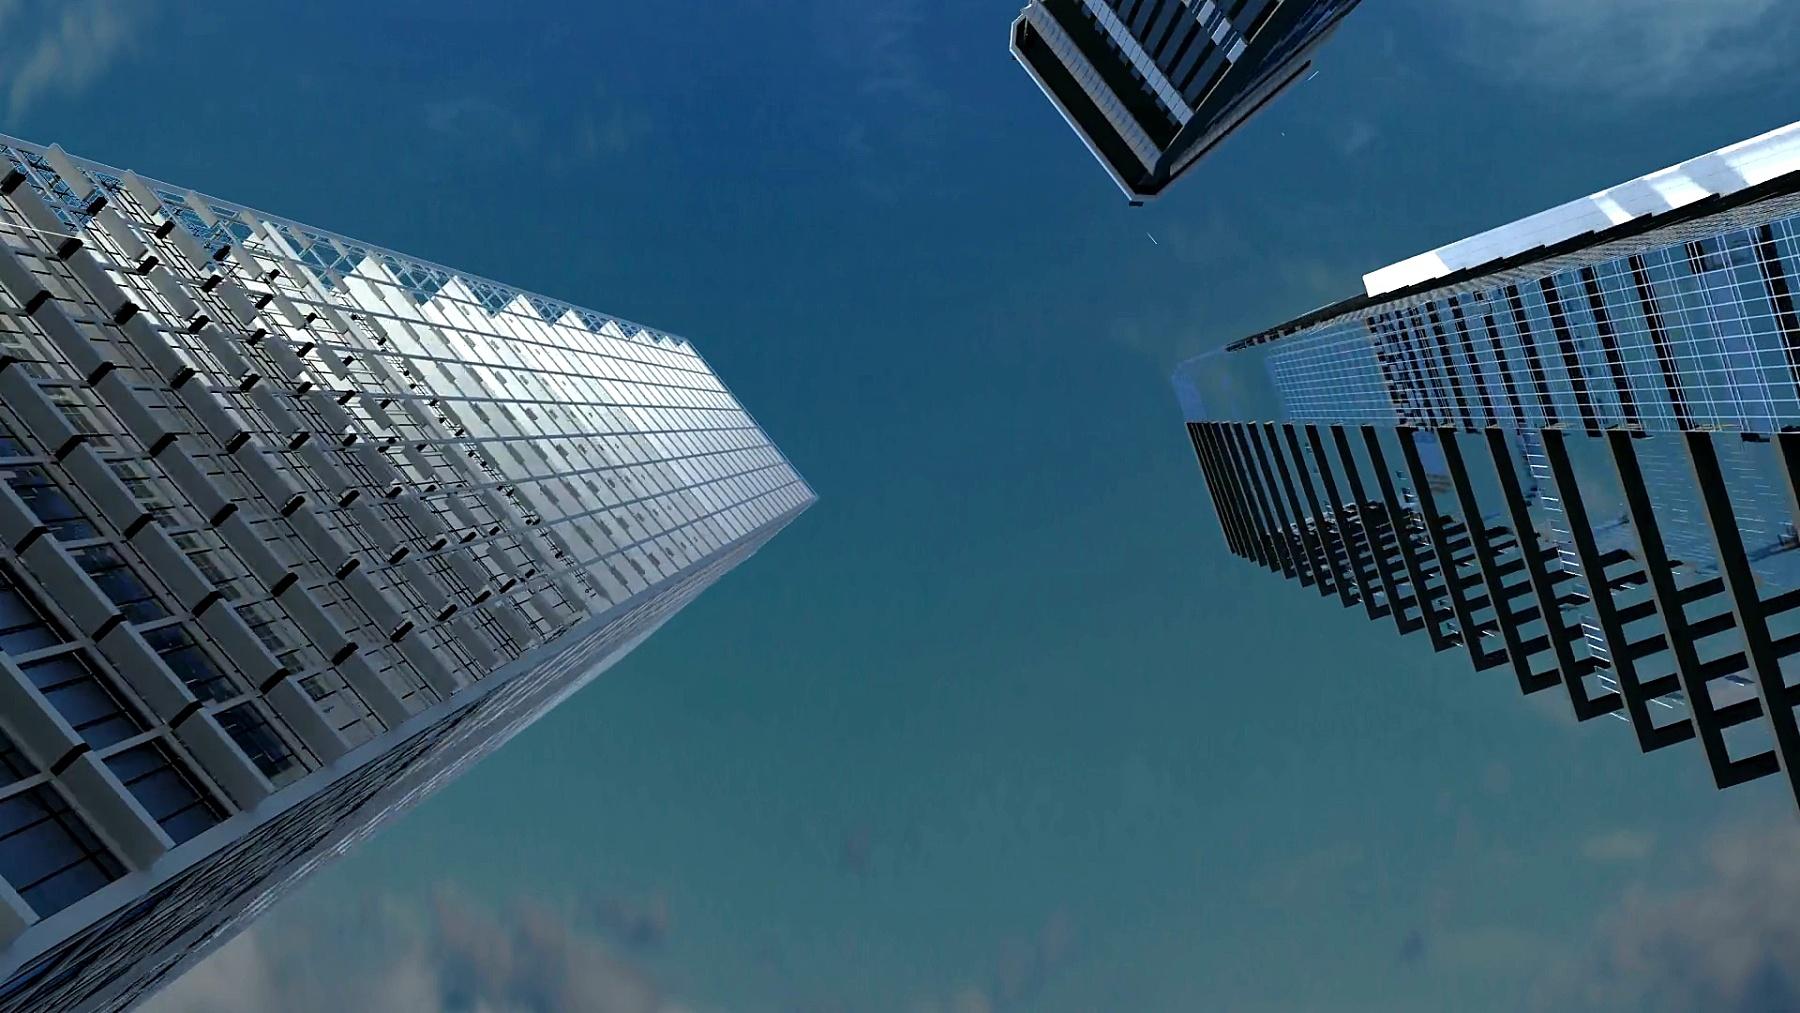 建筑技术,建筑城市的天际线在数字显示。